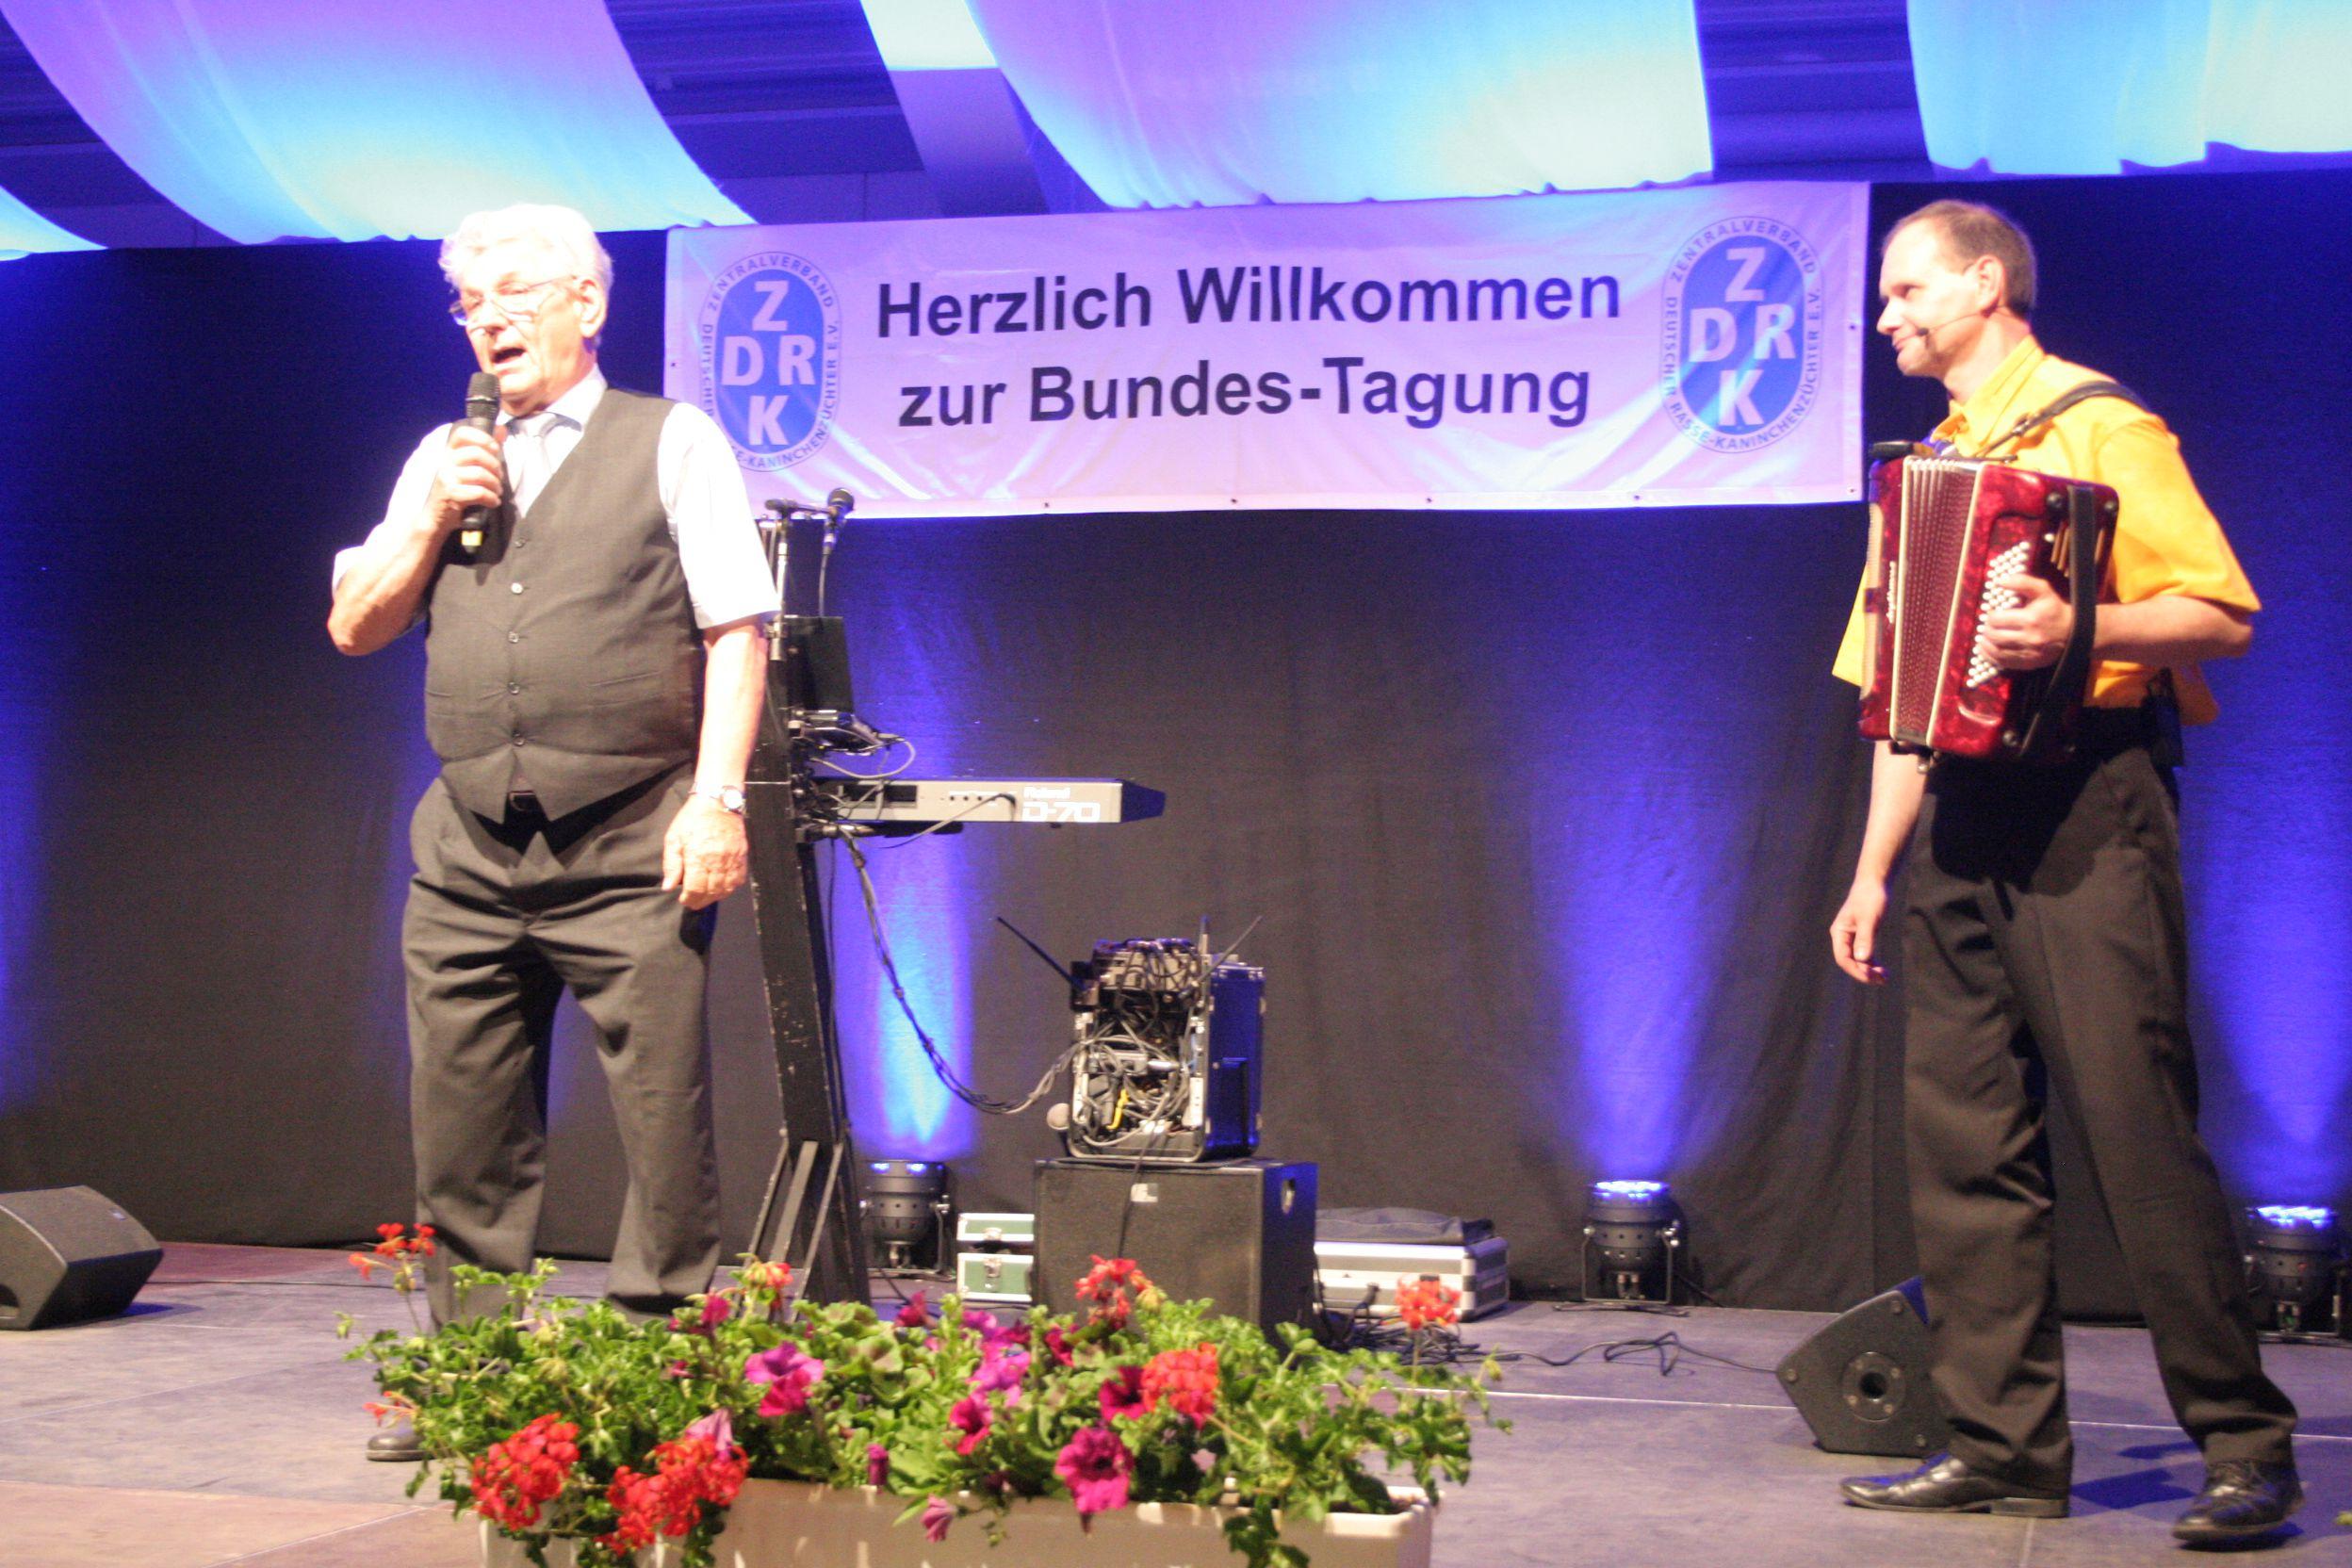 ZDRK_Tagung_Oberhof_rs_1